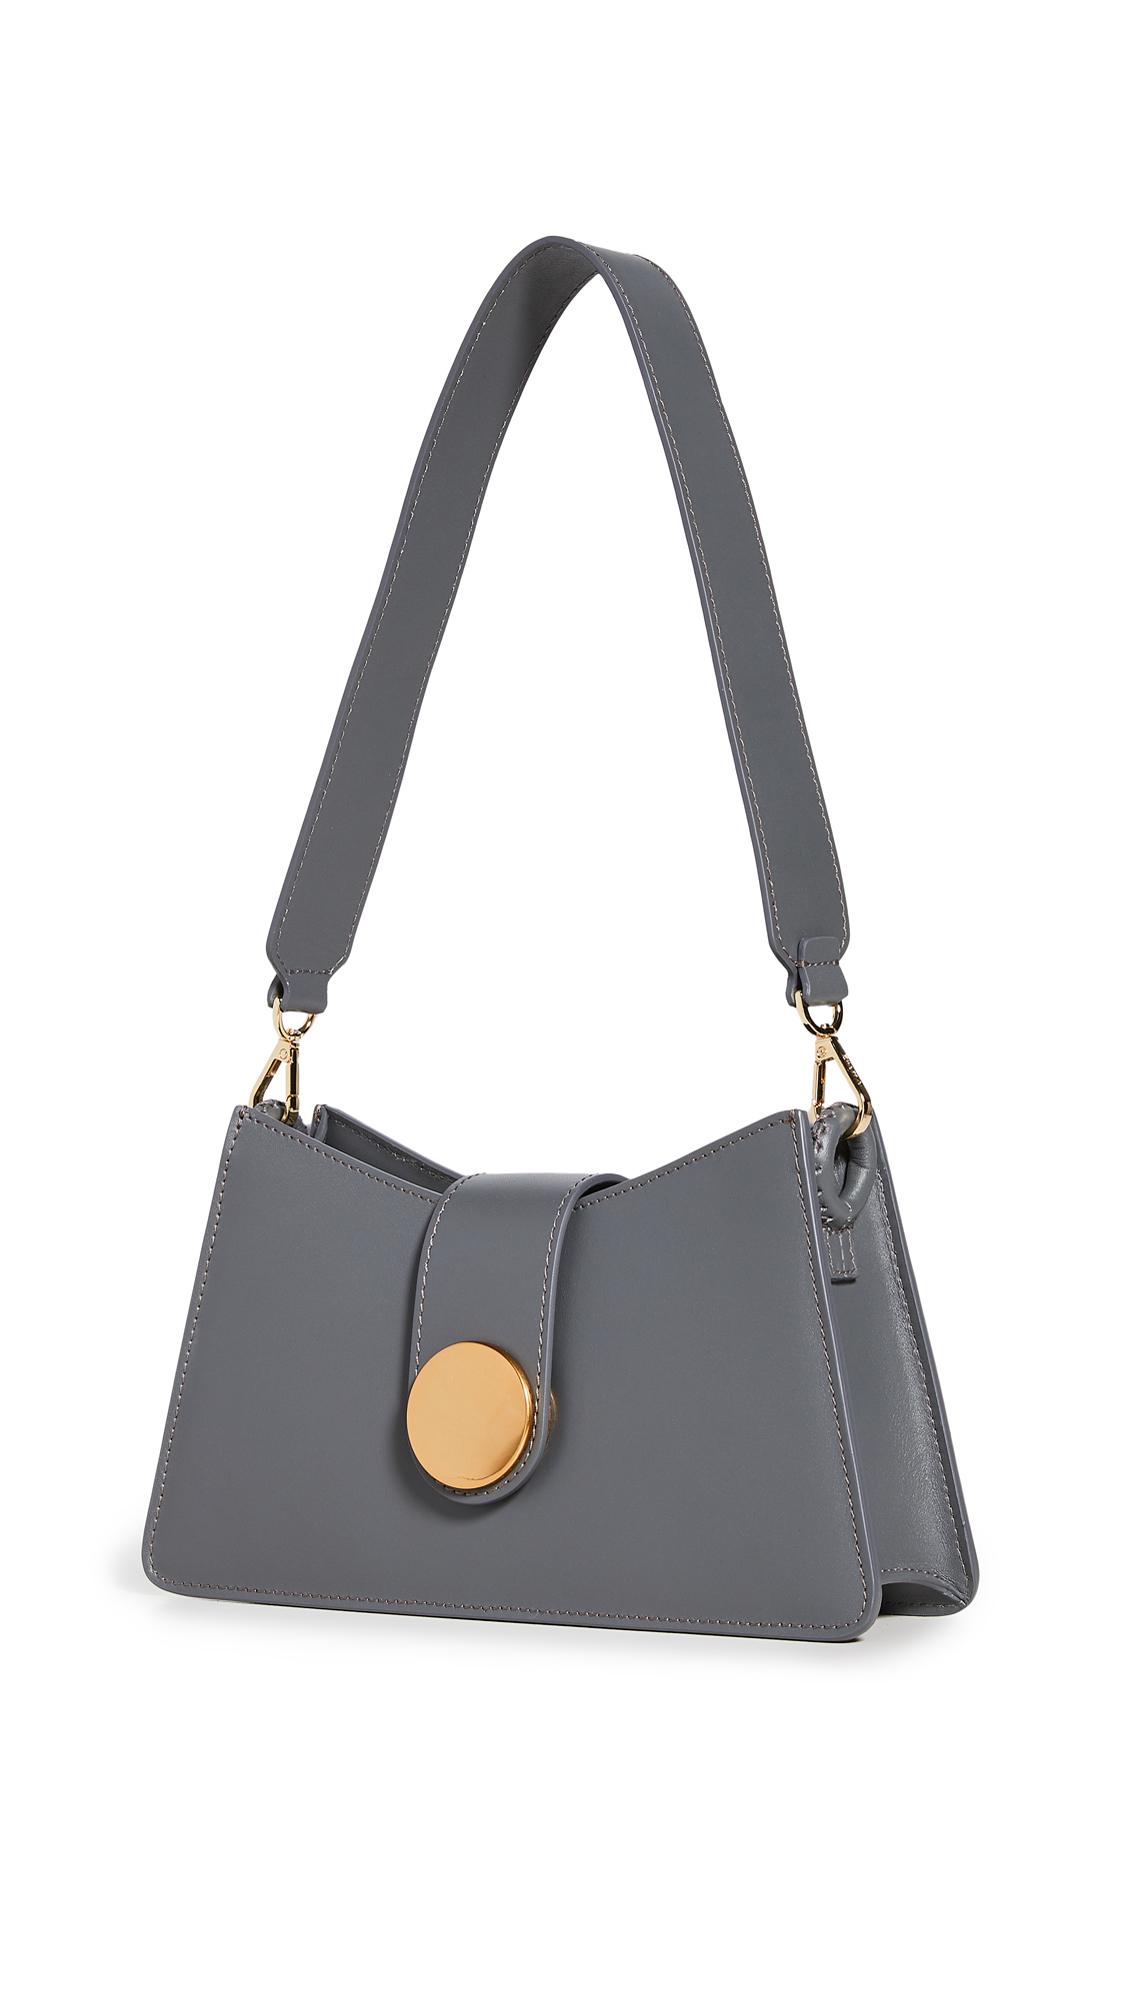 Elleme Baguette Bag In Charcoal